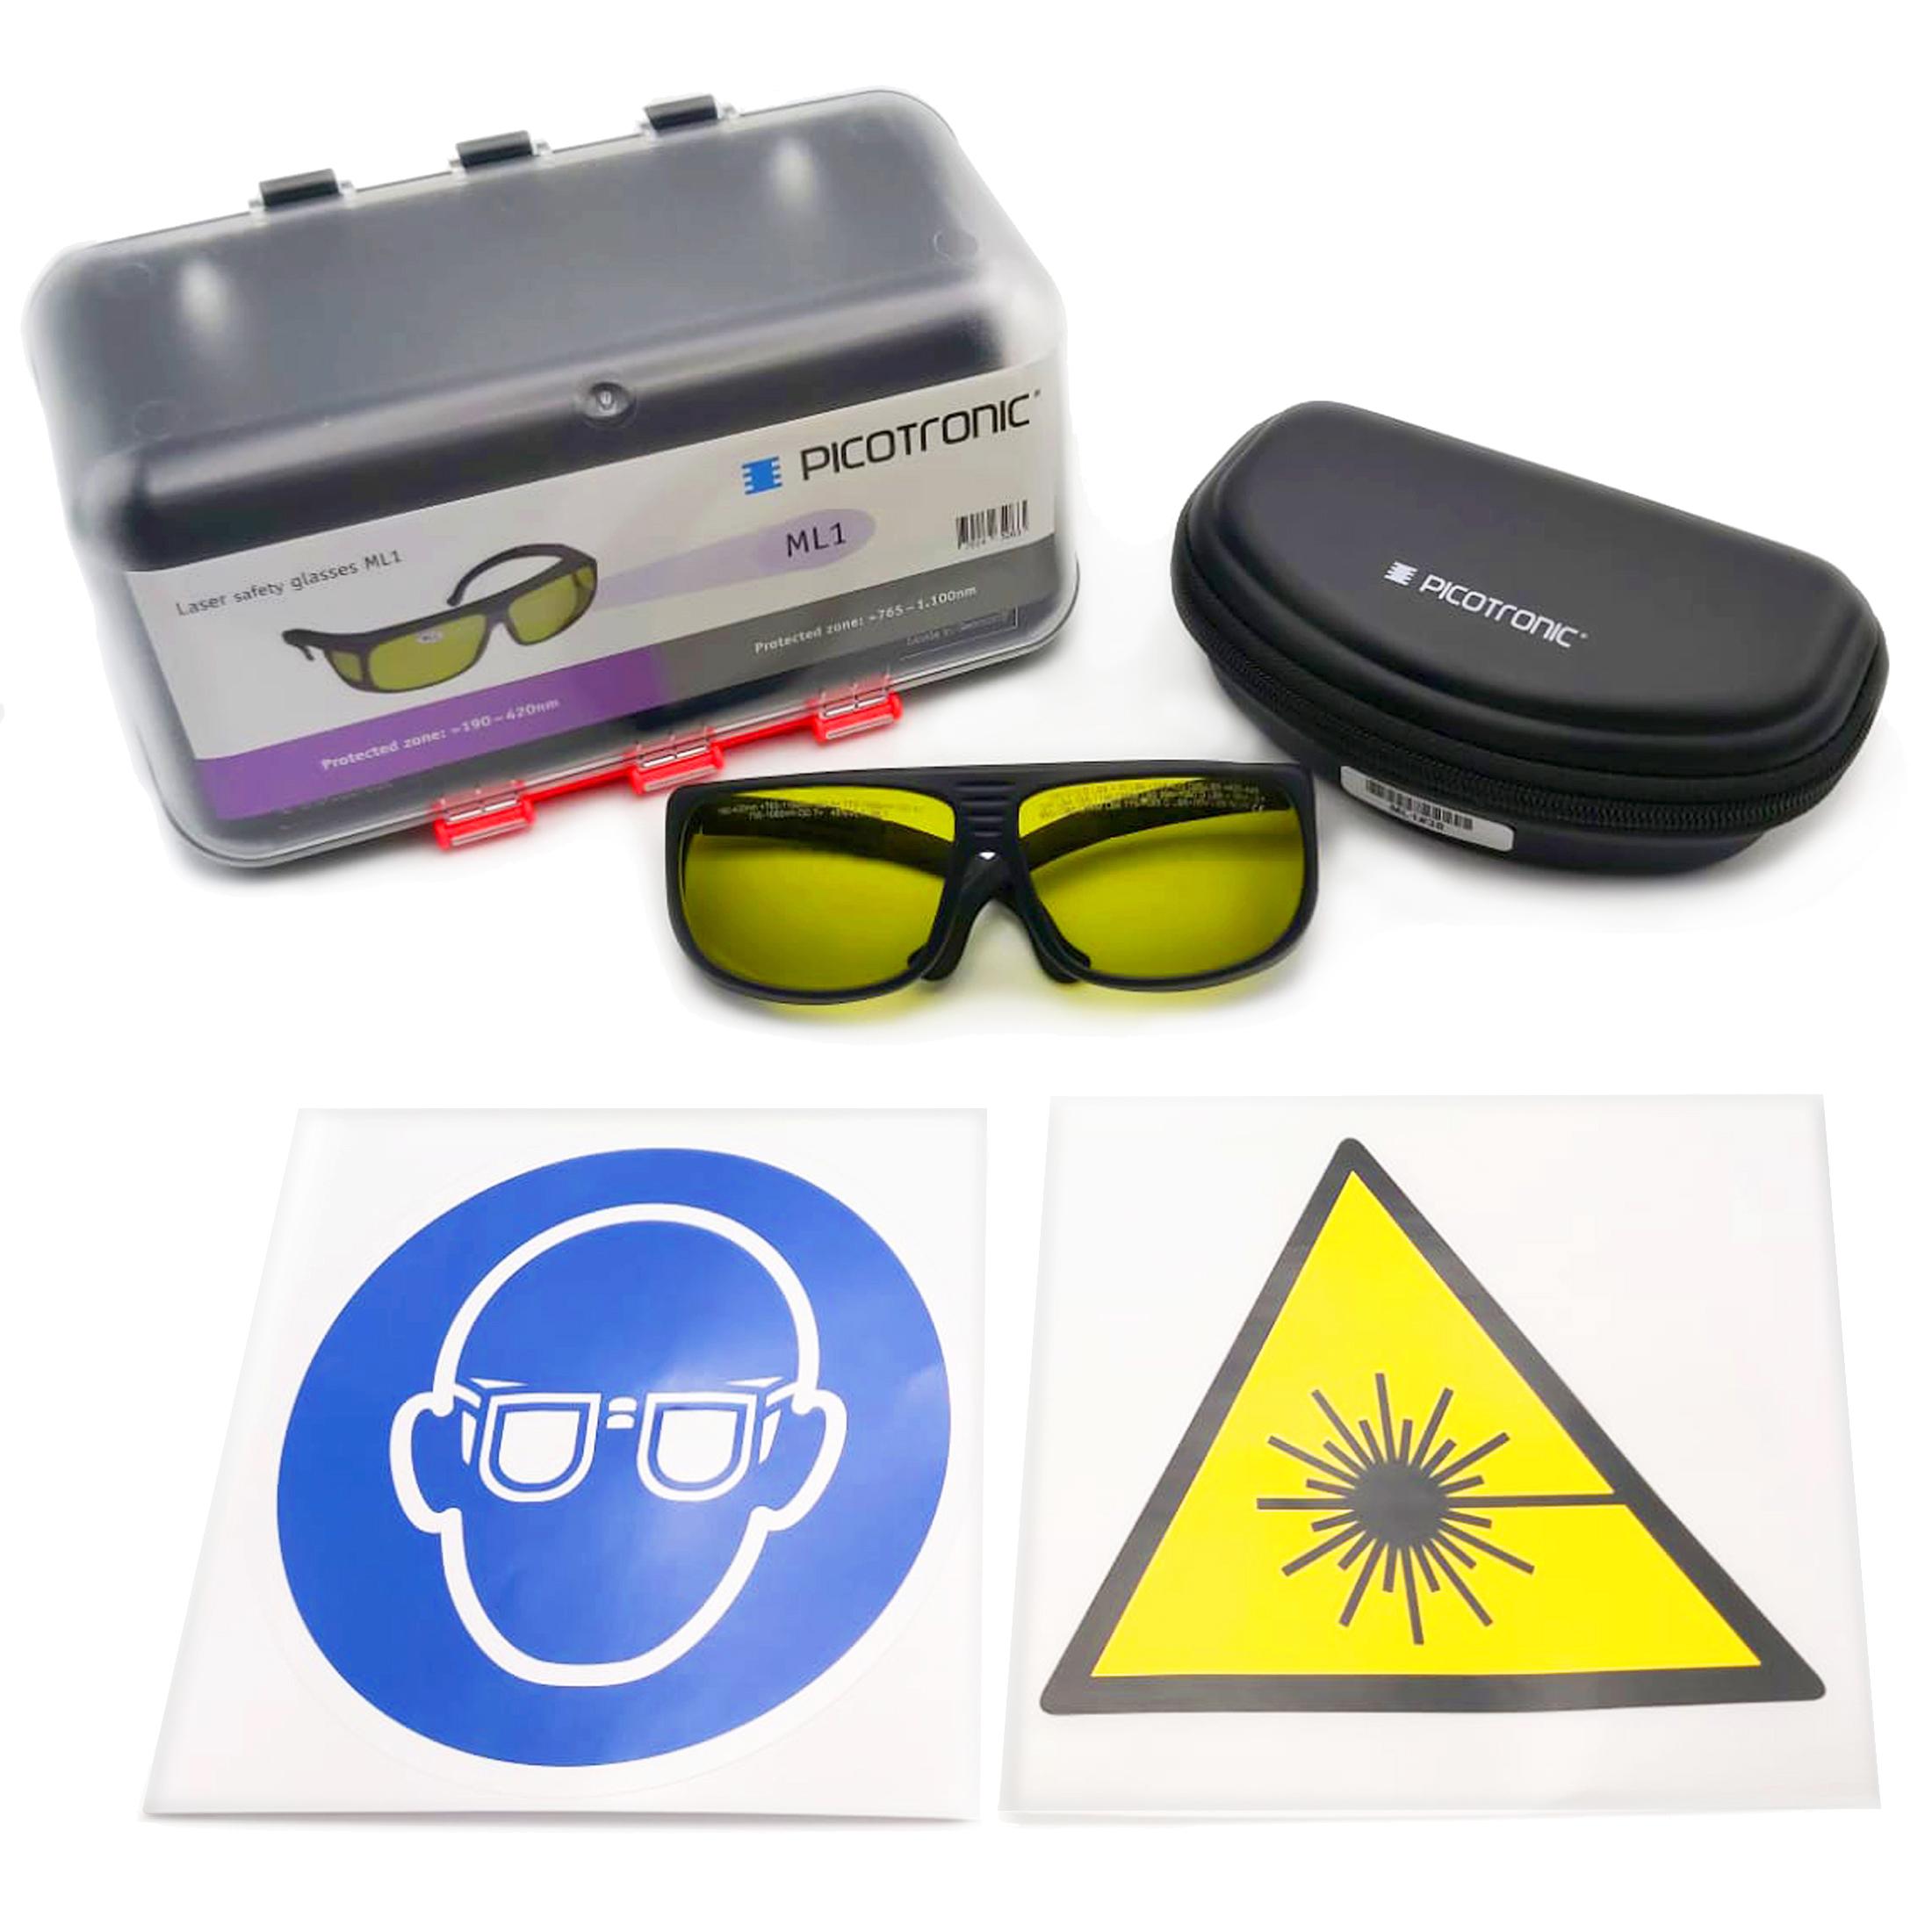 Picotronic PICO-LPG-780-1064-BOX